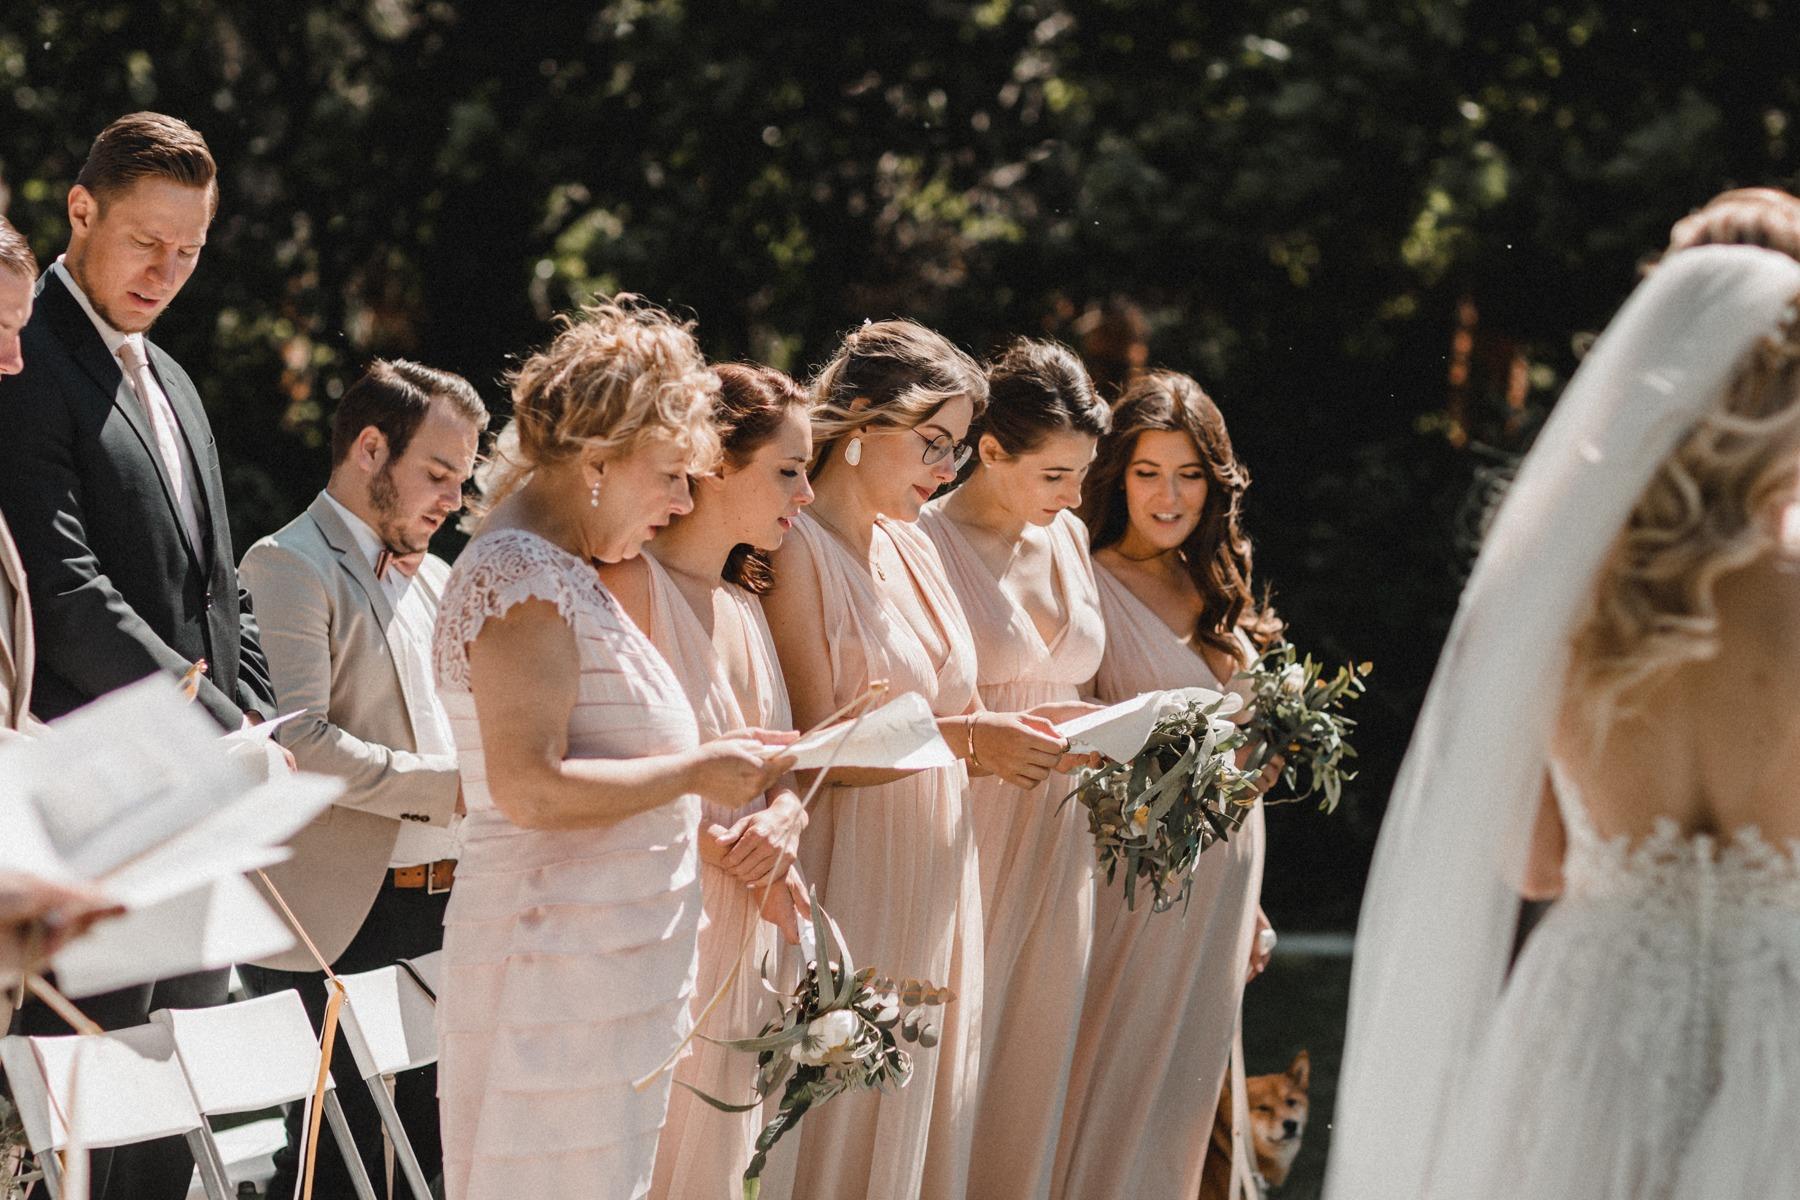 Brautmama, Trauzeugin und Brautjungfern beim Singen von dem Lied Roman von Philipp Poisel